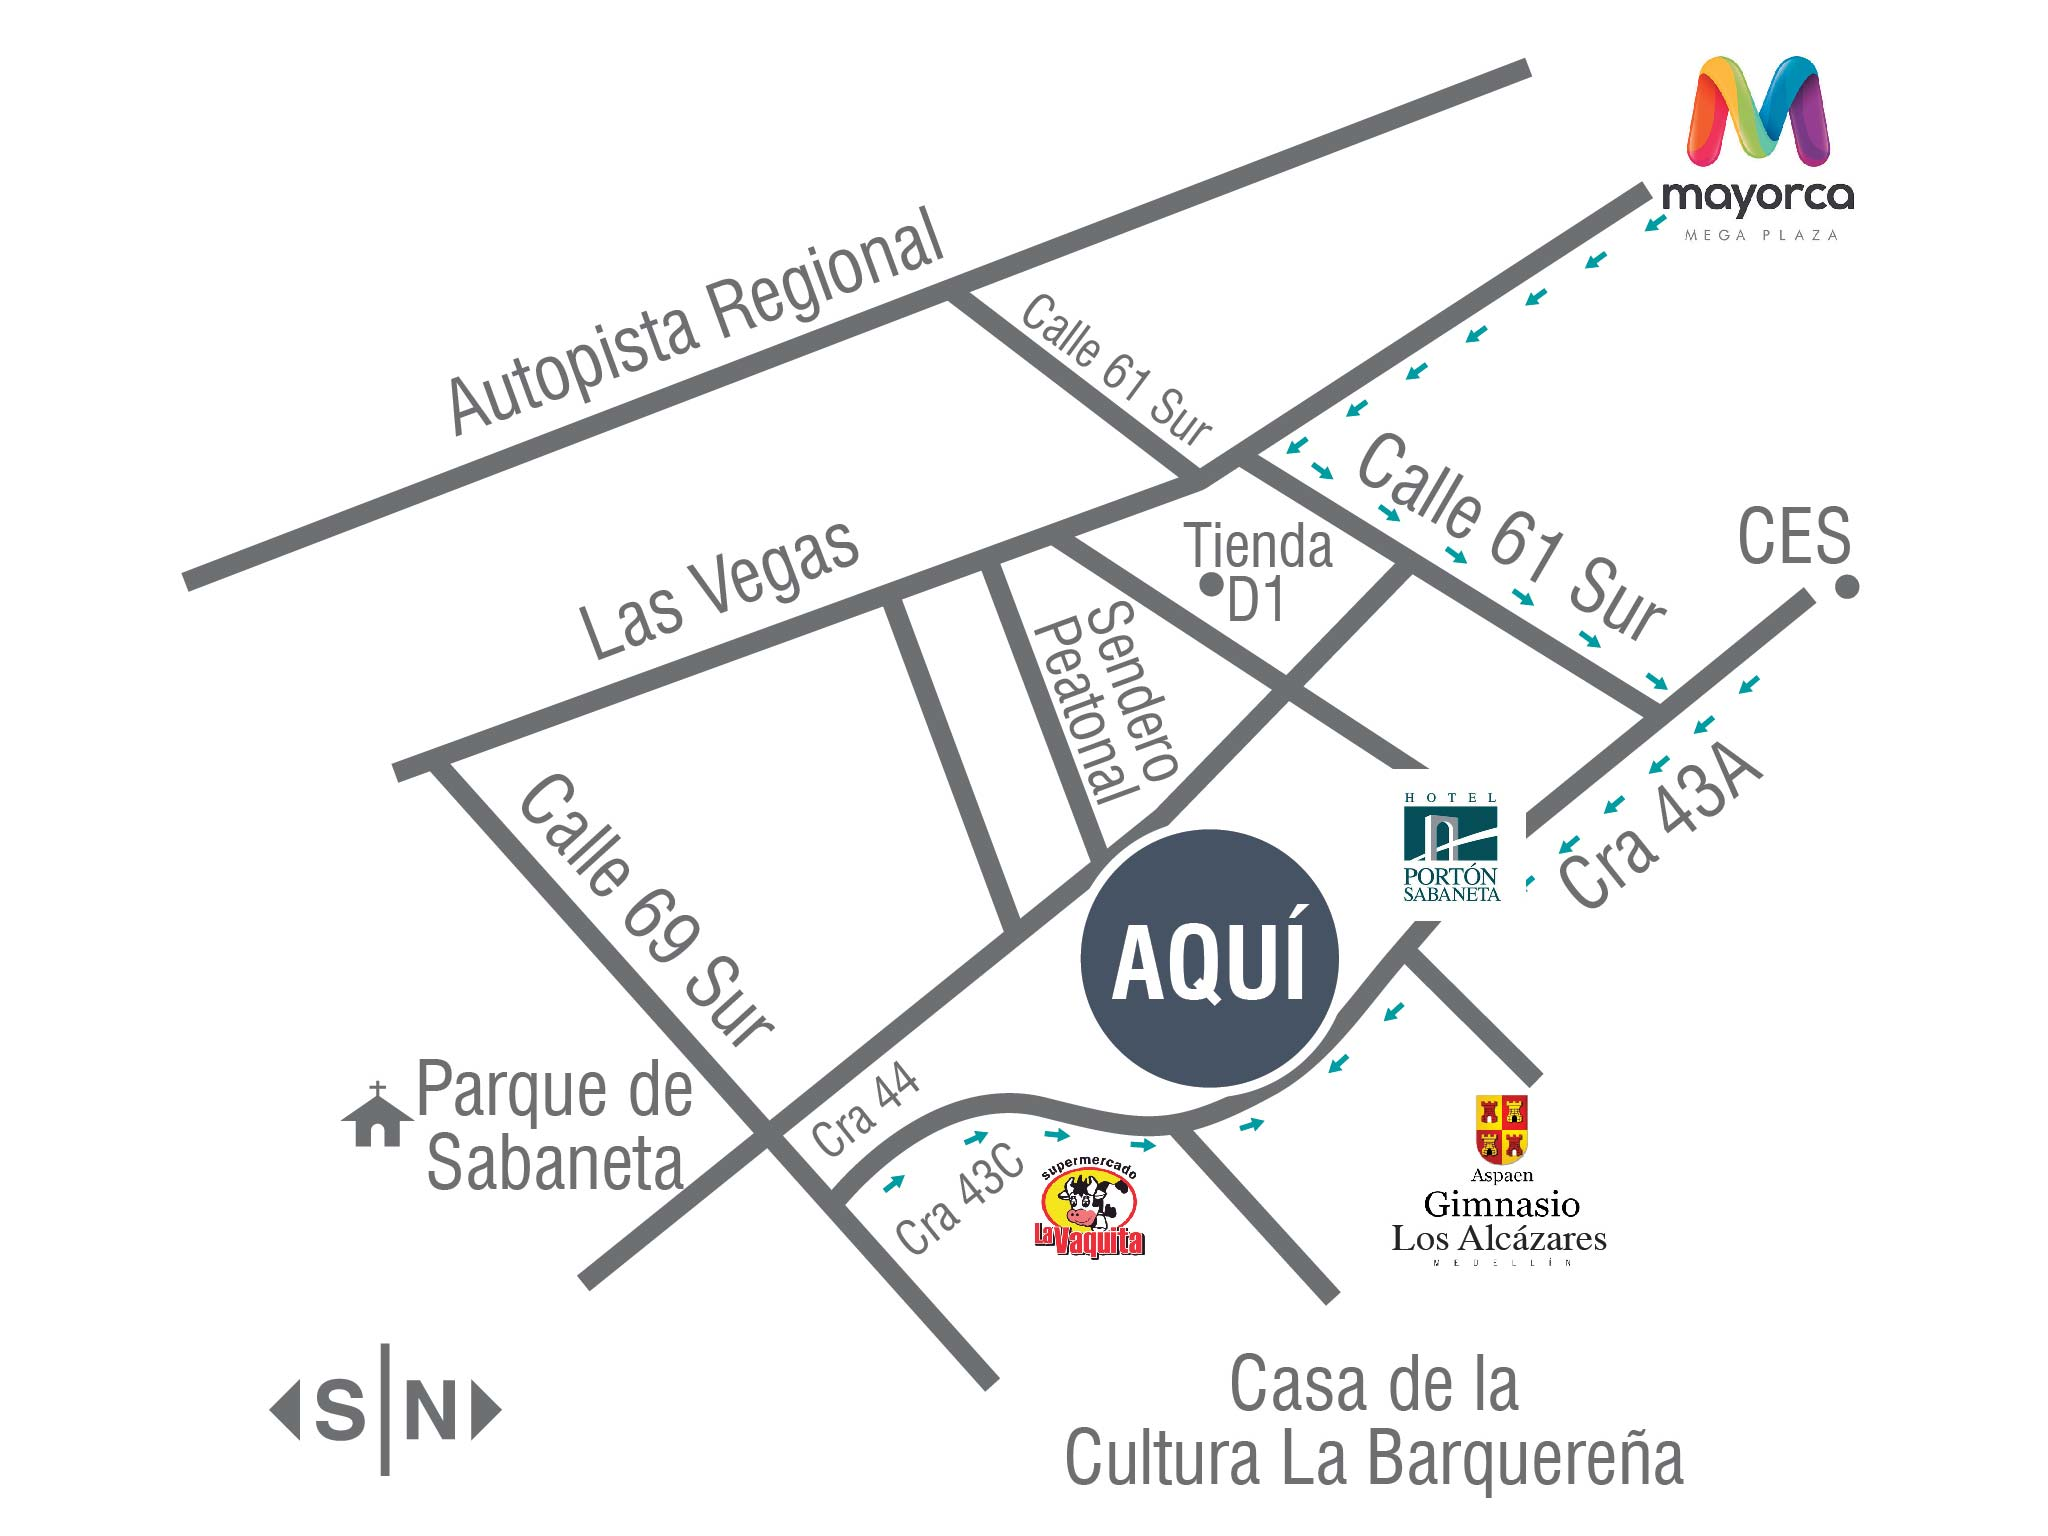 Ubicaci n del proyecto 43 oficinas y consultorios bienes for Ubicacion de las oficinas